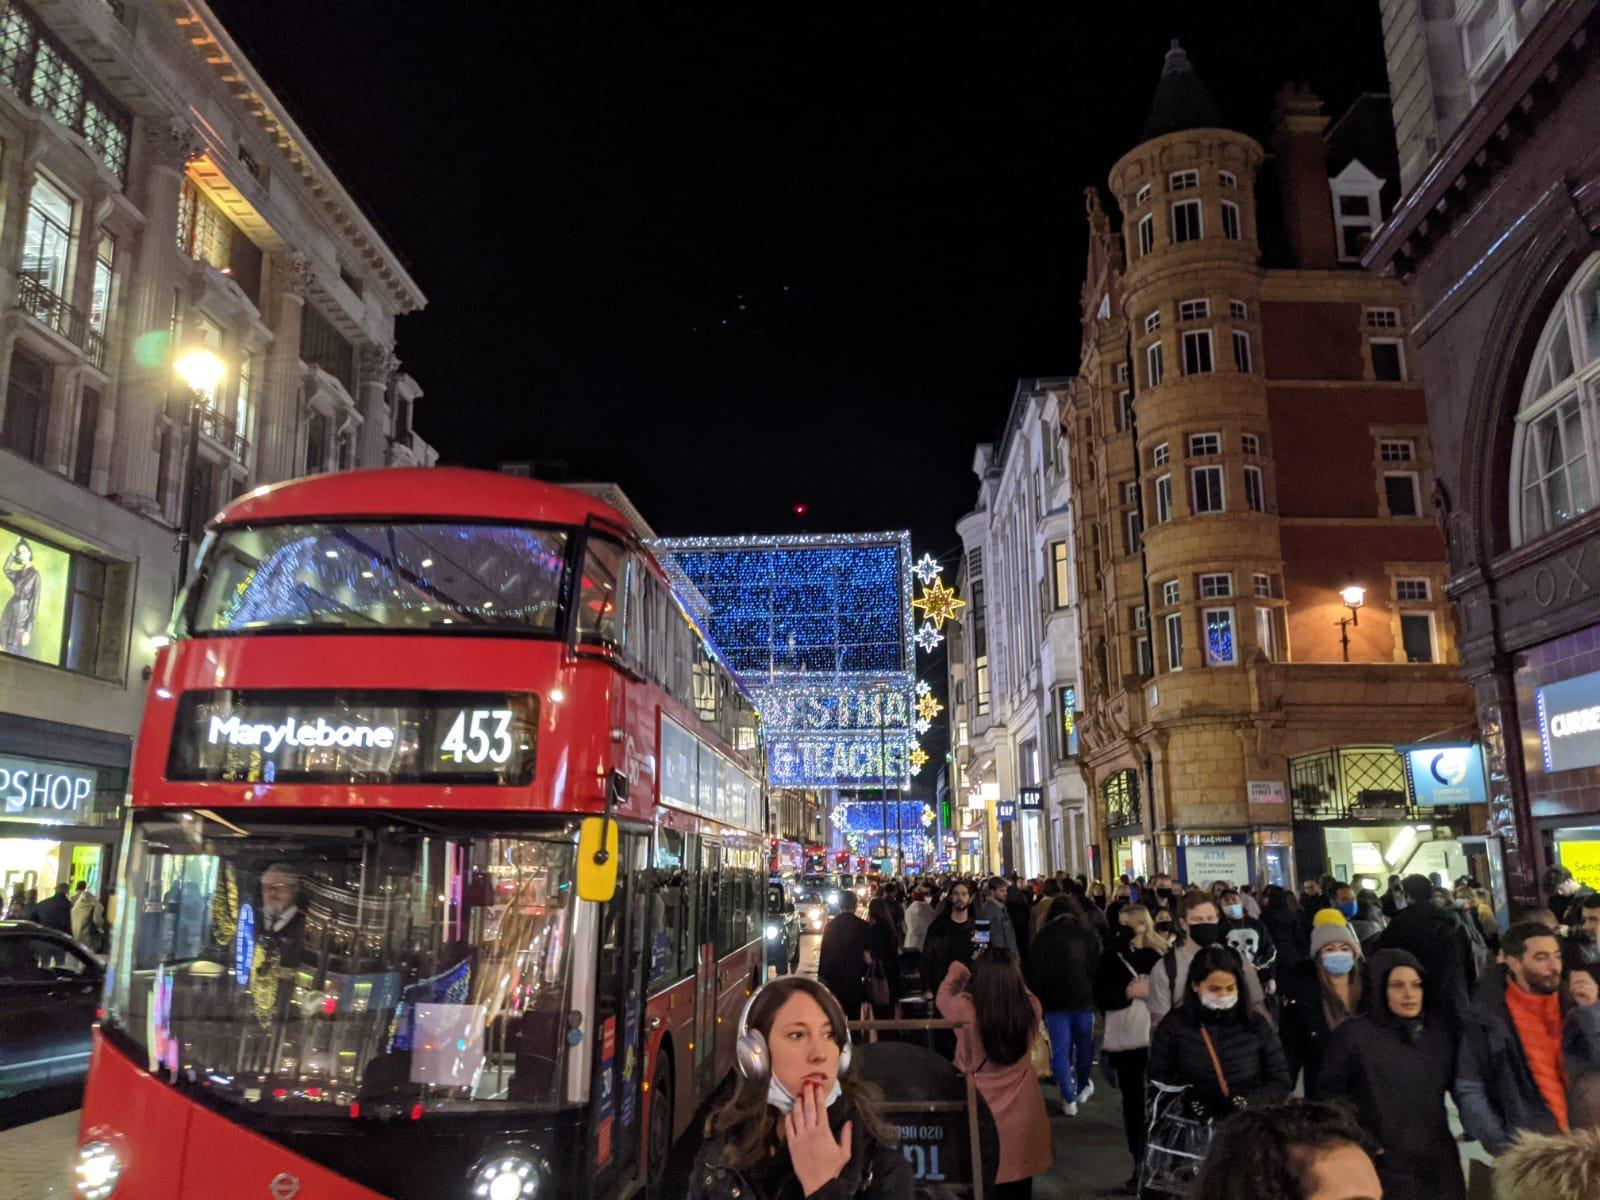 רחוב אוקספורד לפני הסגר הנוכחי בבריטניה // טוויטר